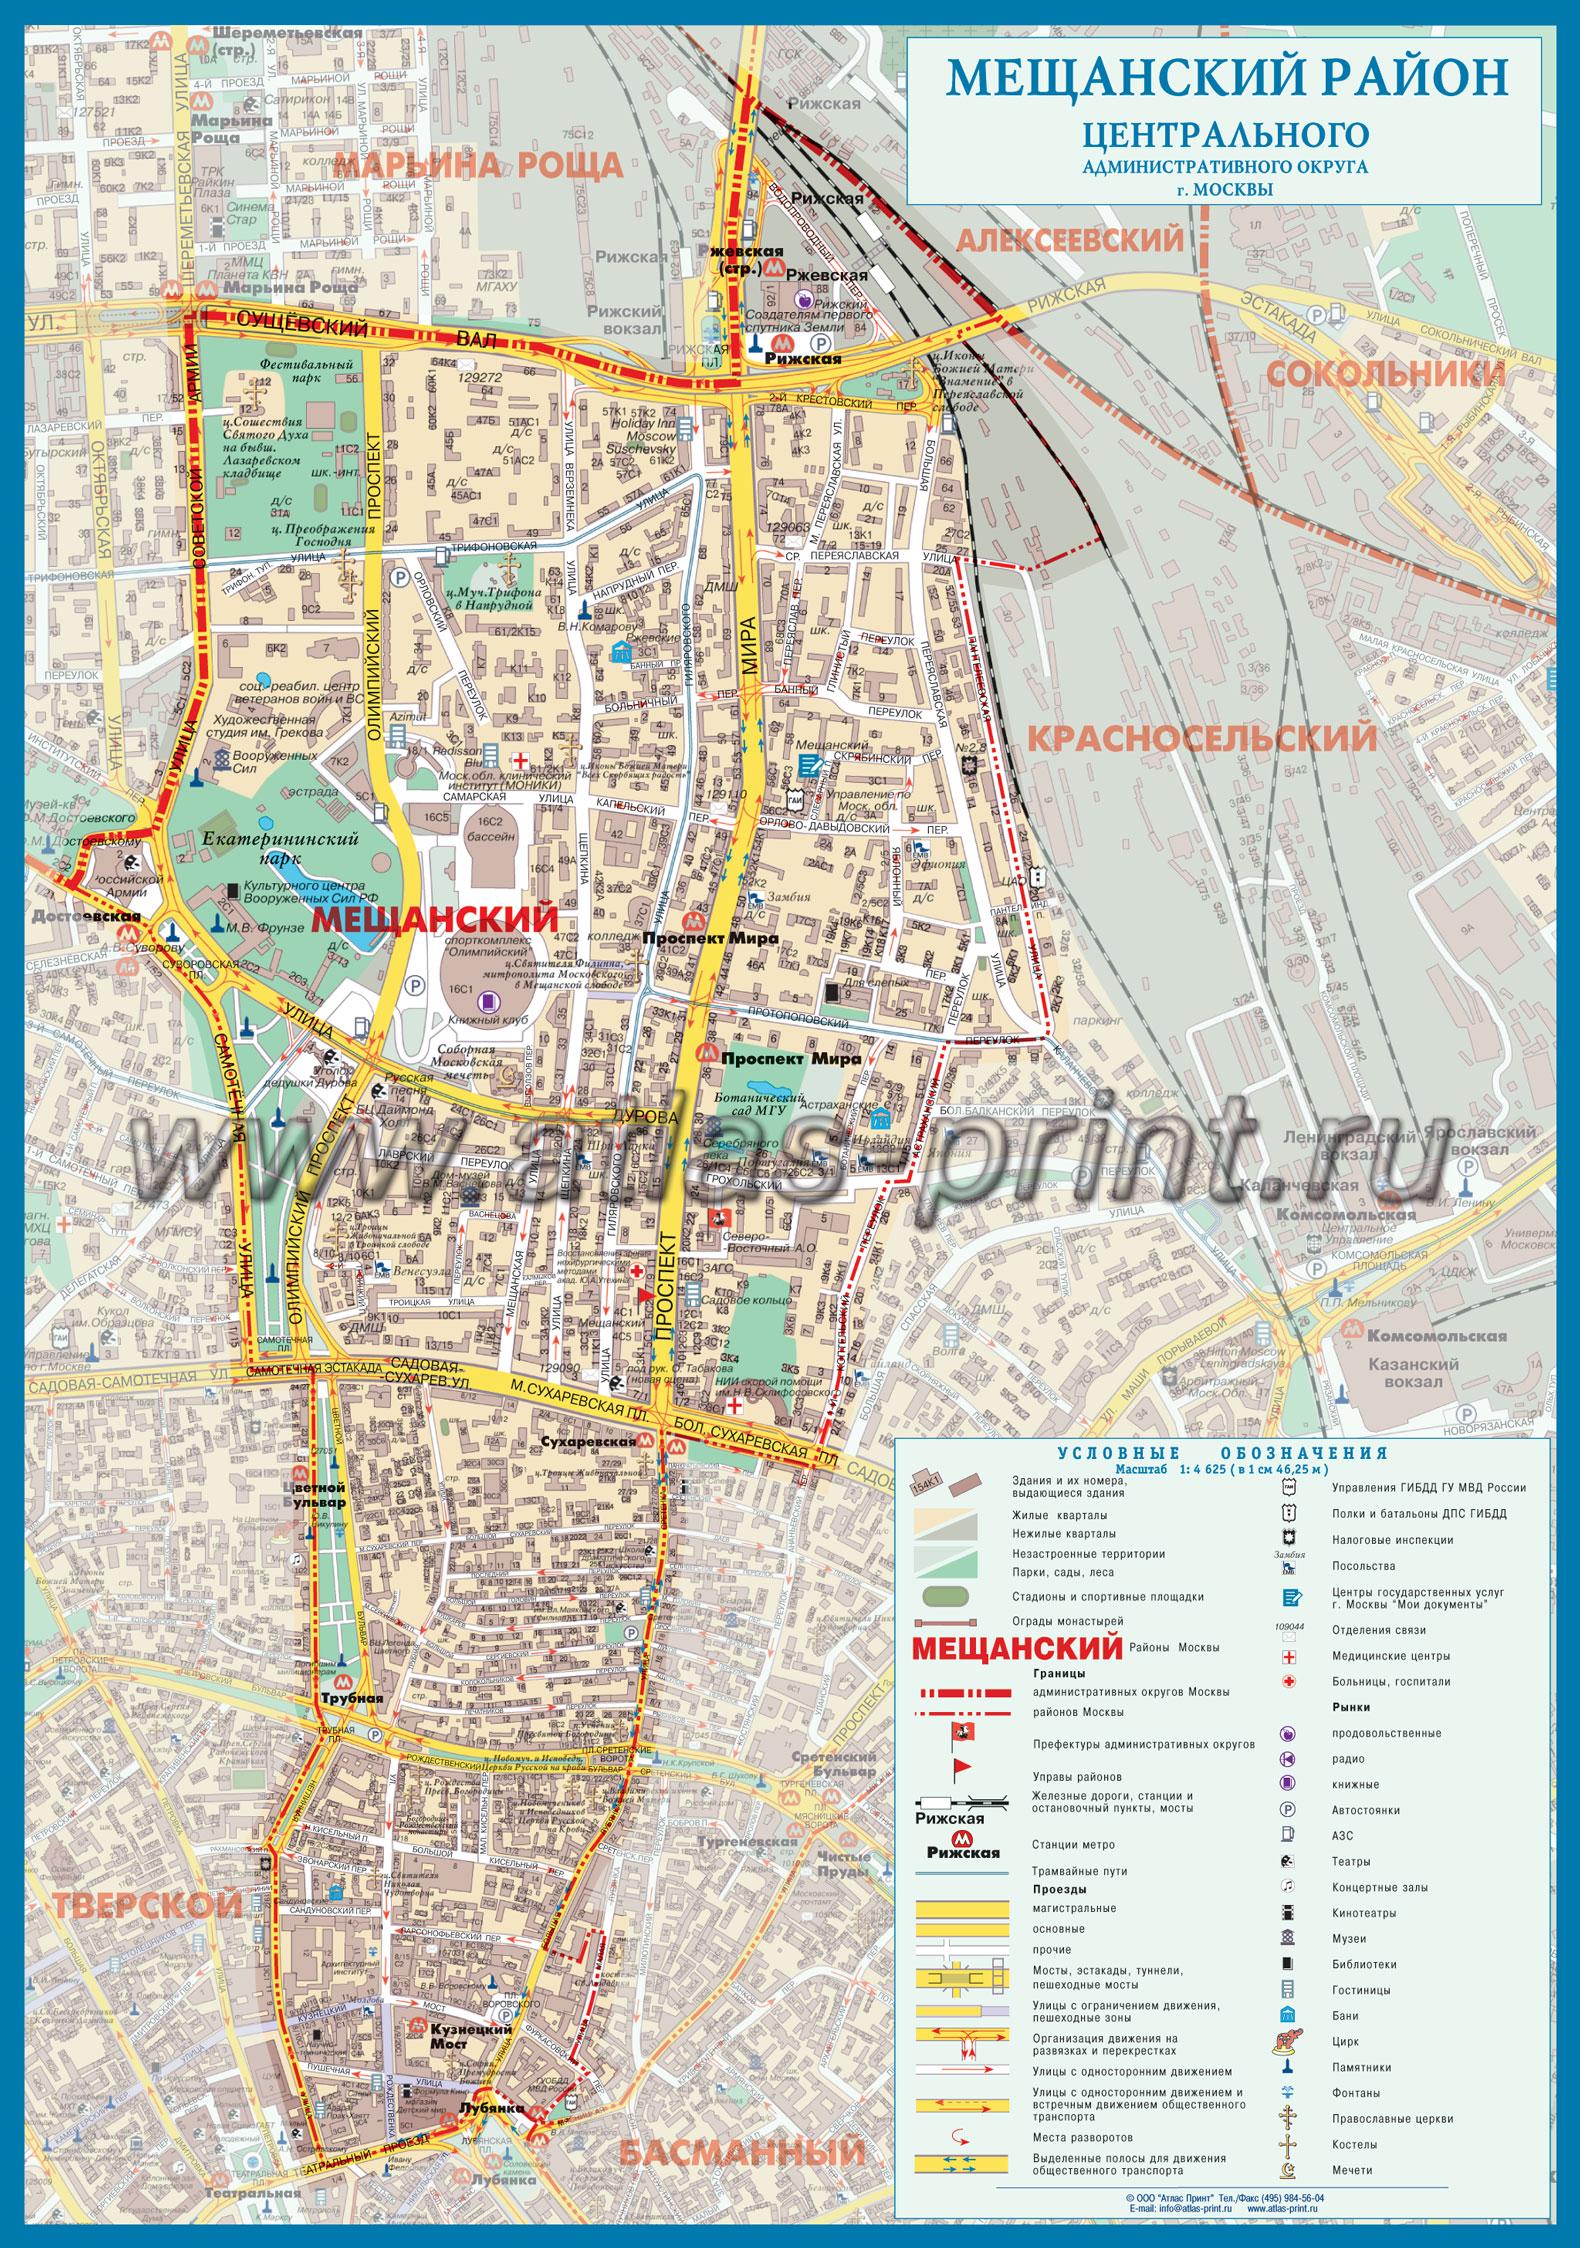 Настенная карта района Мещанский г.Москвы 0,70*1,00 м, ламинированная